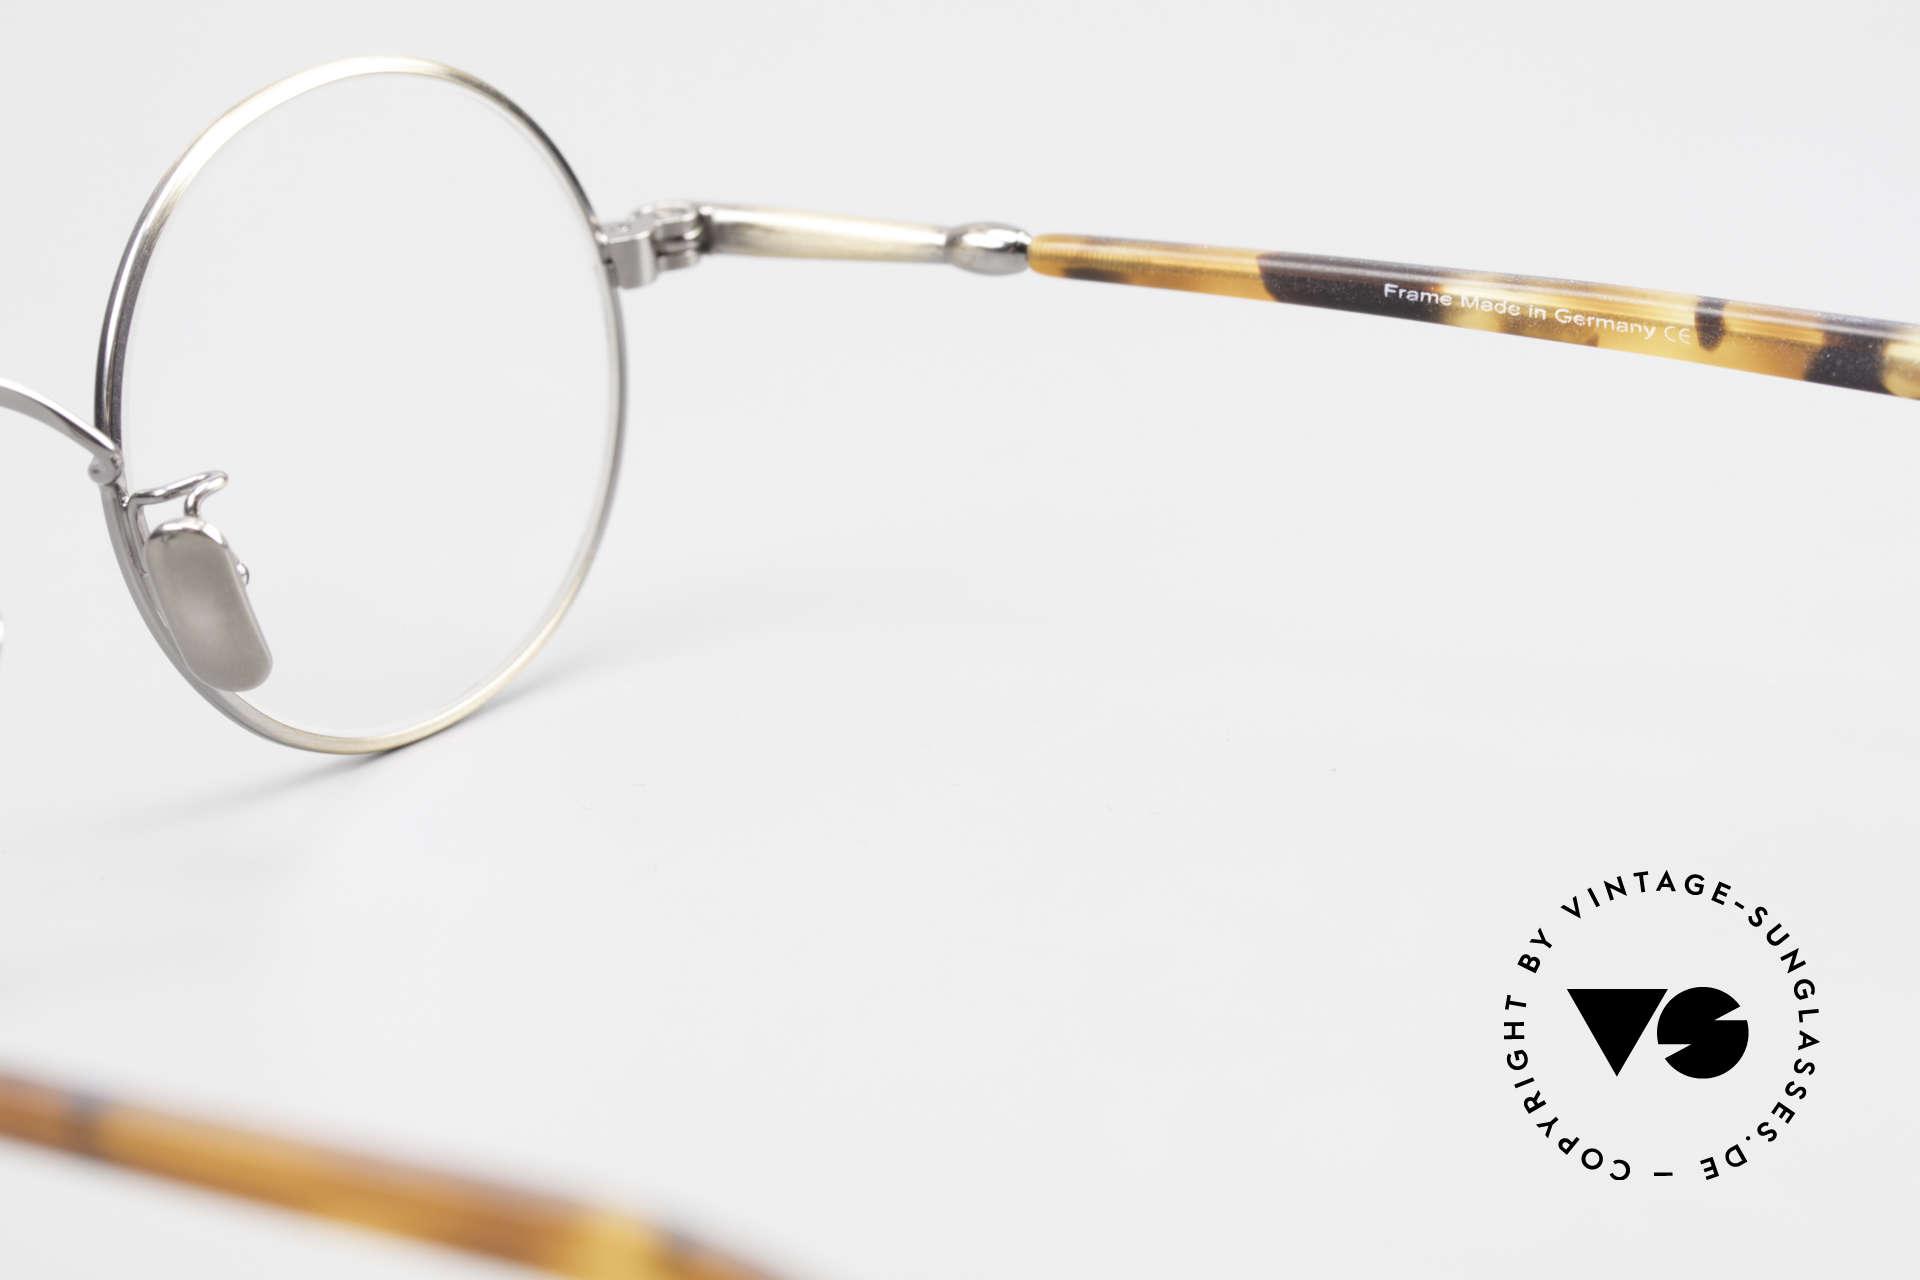 Lunor VA 110 Round Lunor Glasses Original, Size: medium, Made for Men and Women